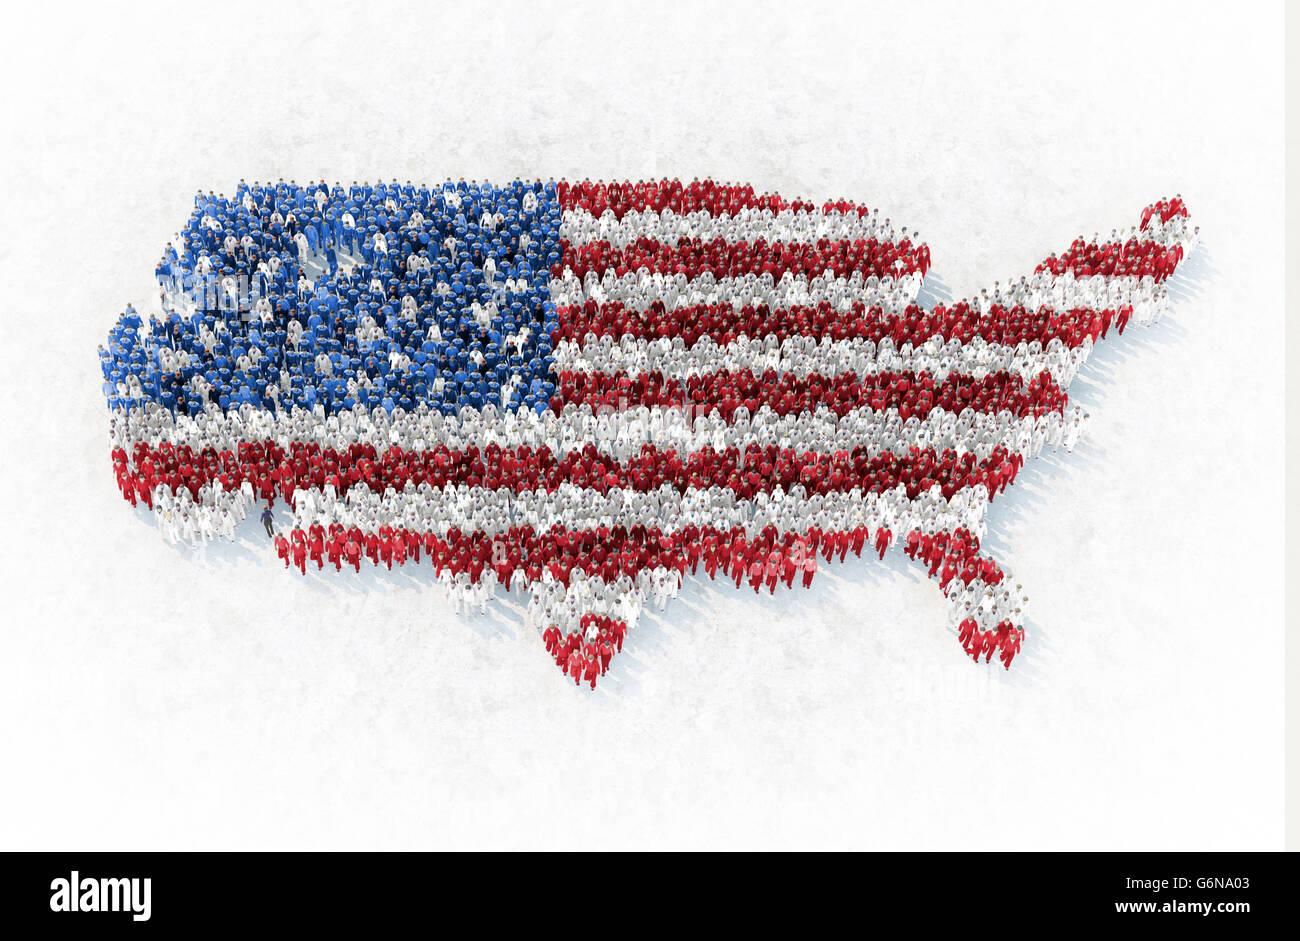 Il contorno di noi formata da gente vestita in rosso, blu e bianco - 3D illustrazione Immagini Stock